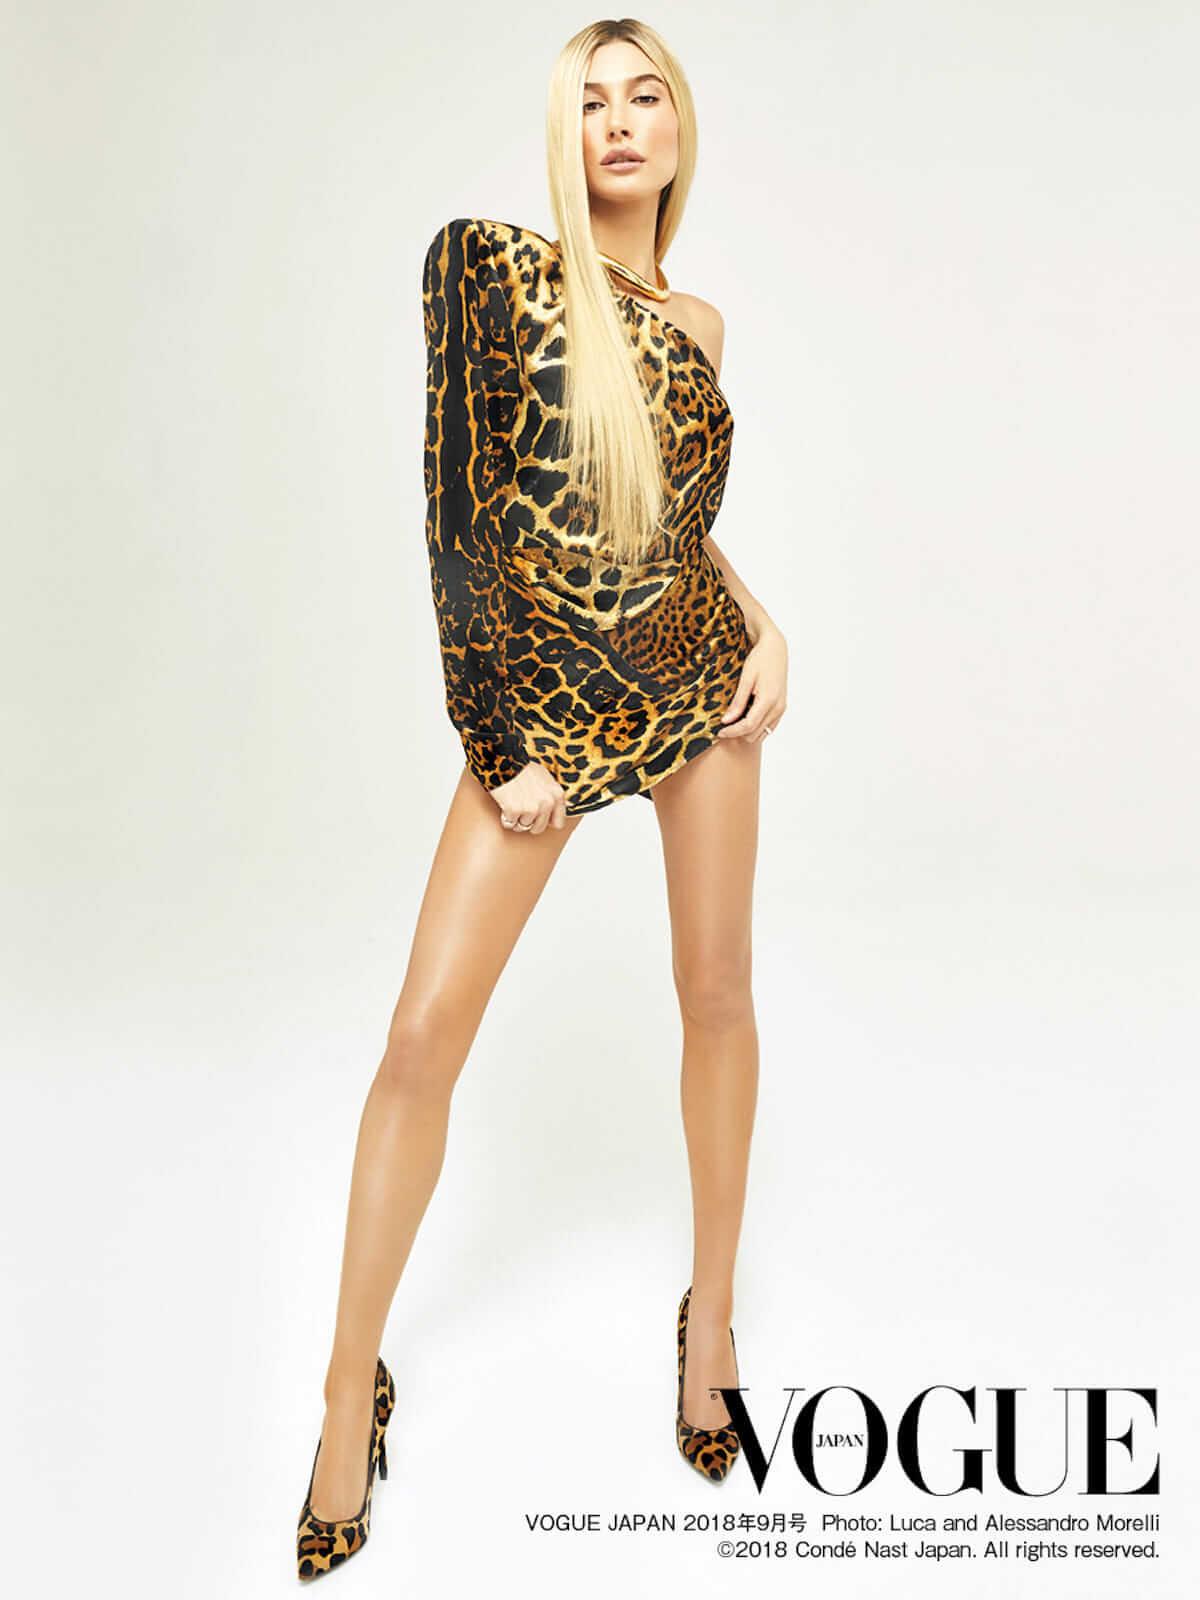 ジャスティン・ビーバーと婚約で注目!ヘイリー・ボールドウィンが『VOGUE JAPAN』表紙に登場! fashion180719_vogue_2-1200x1600